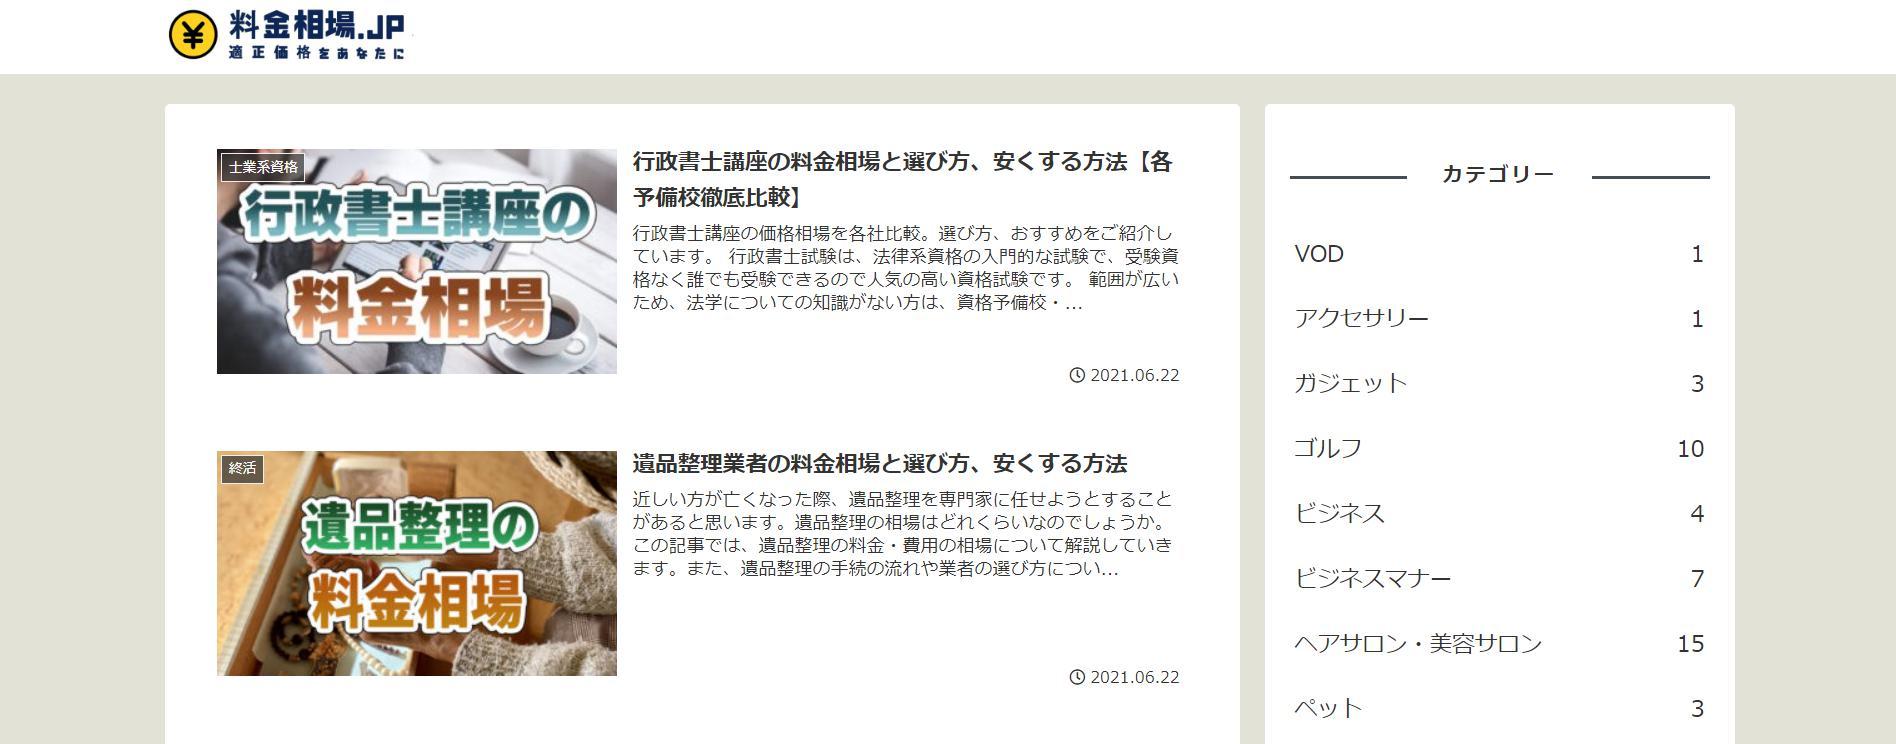 料金相場.jpでスケコンが紹介されました。